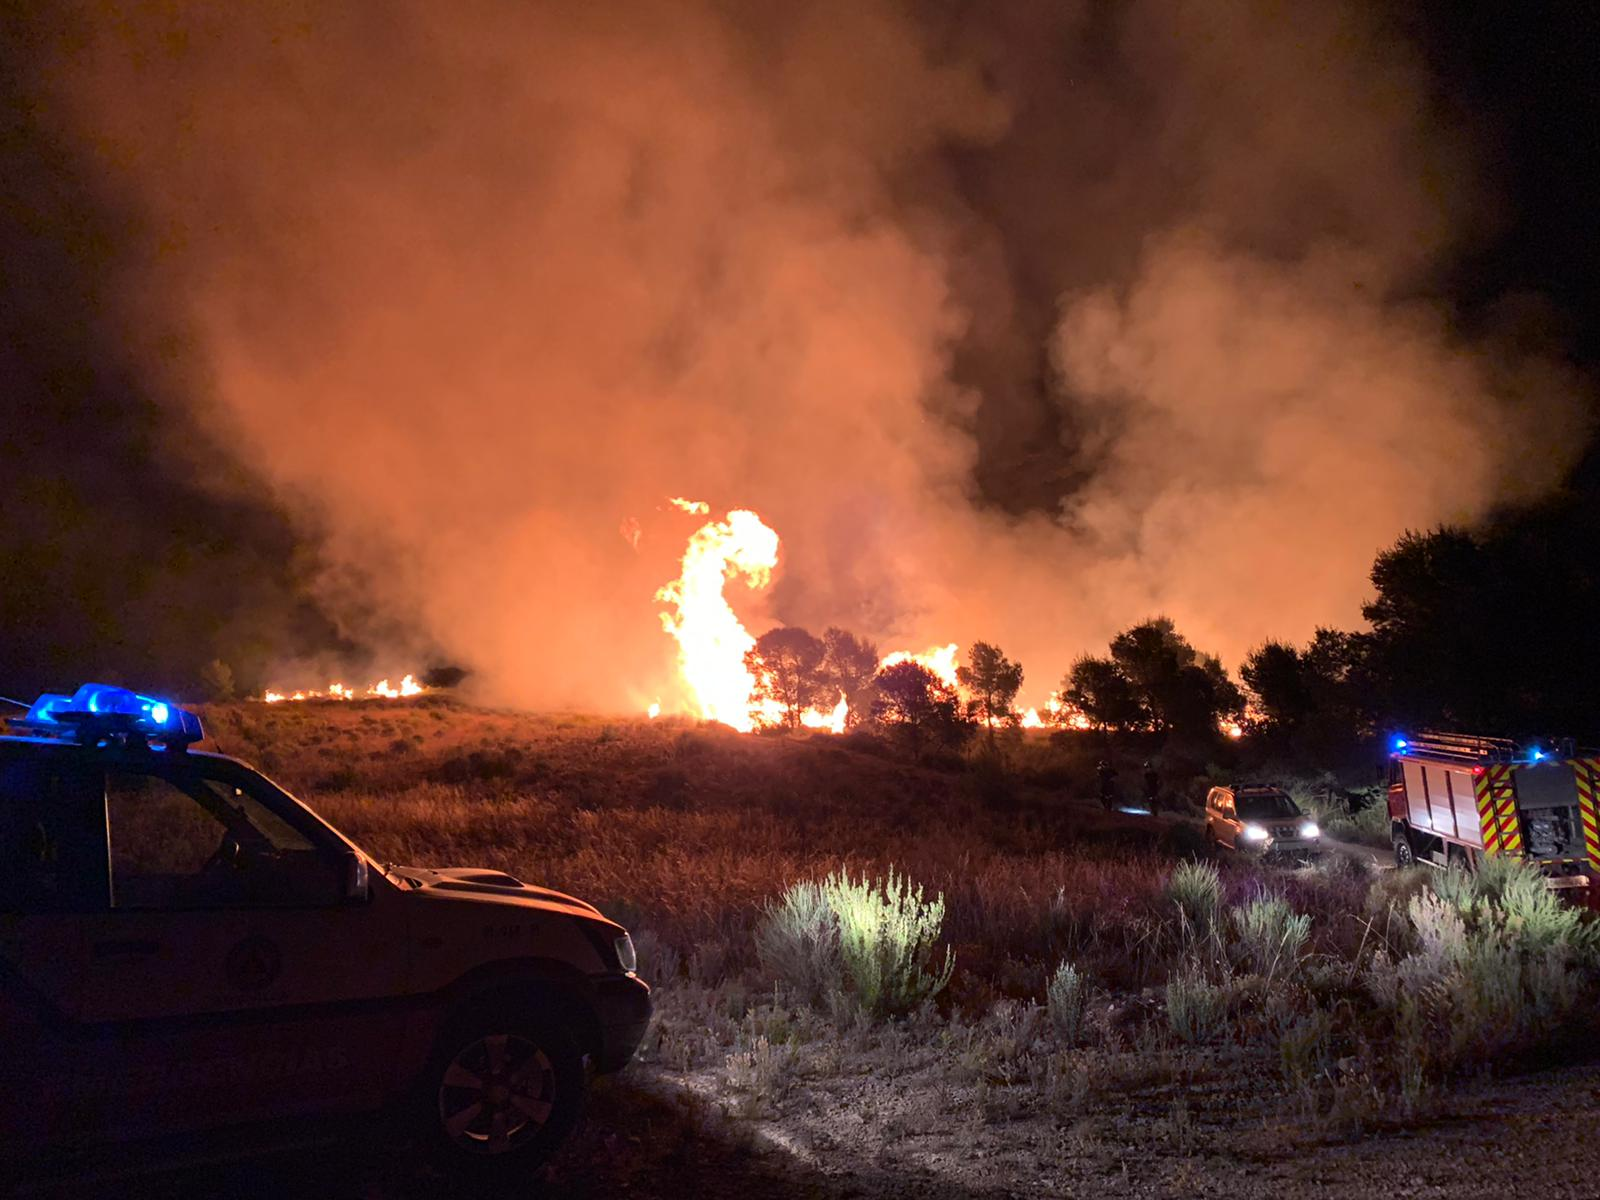 Incendio de esta noche en Balonga (Abanilla). Imagen: Protección Civil Abanilla